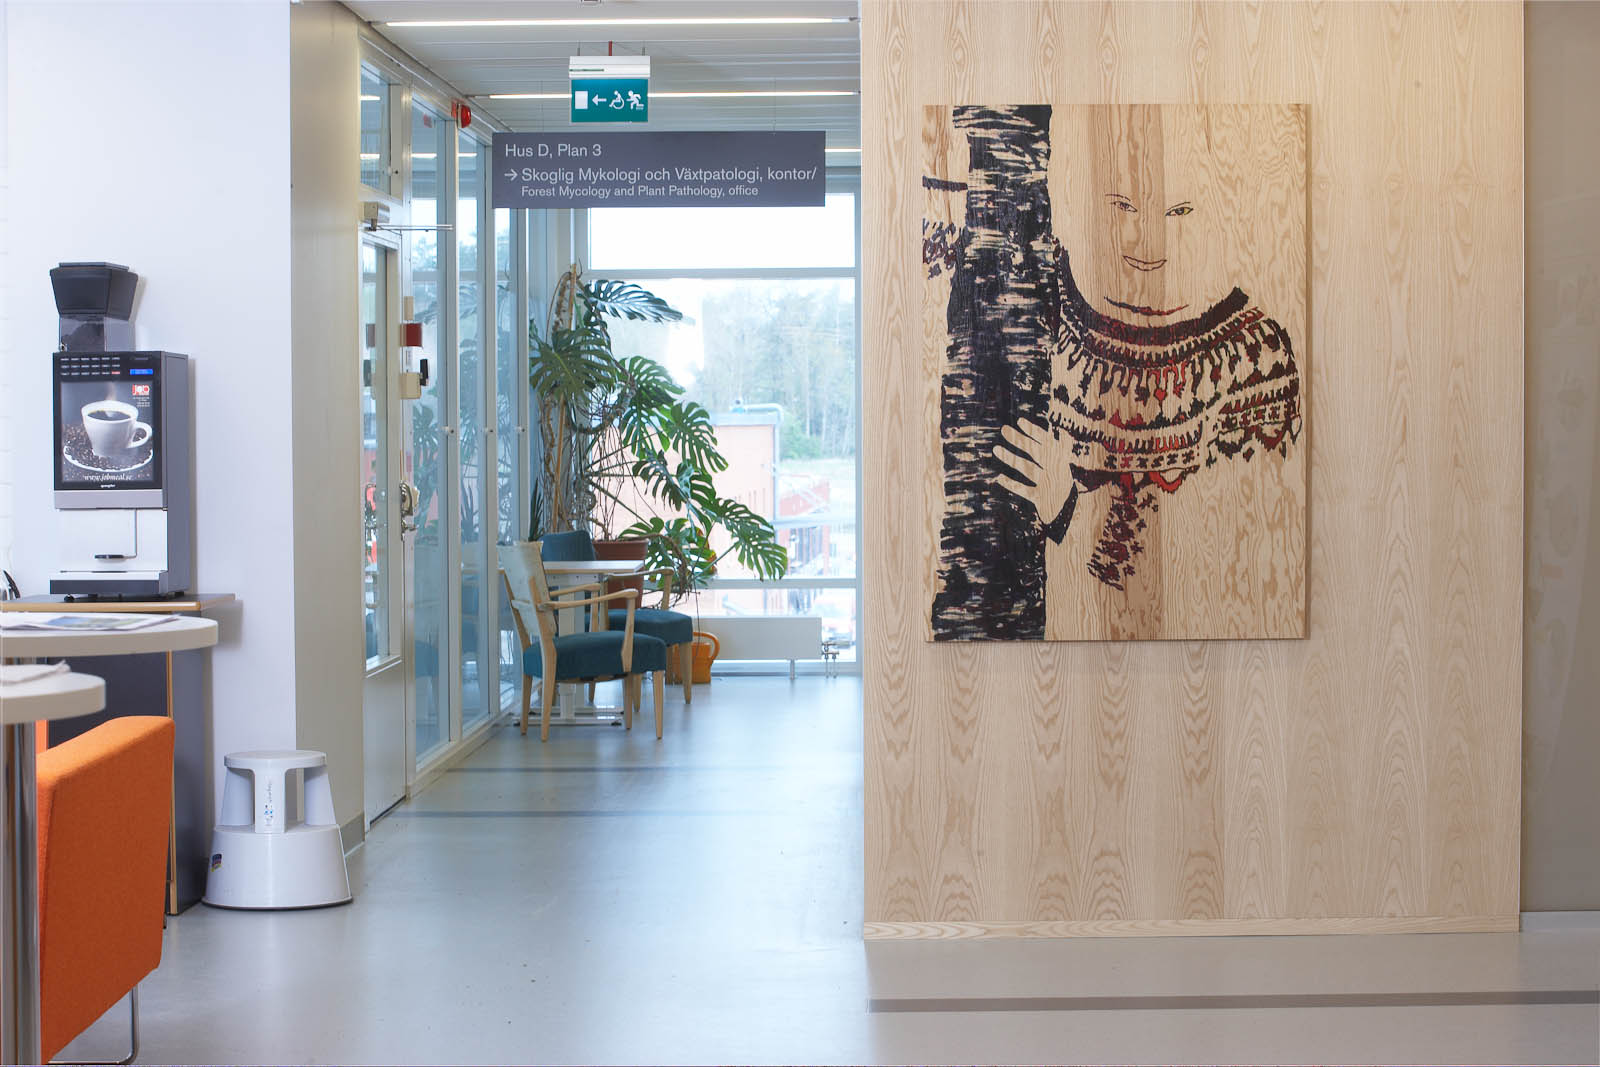 Tavla målad på trä, hängd på en trävägg. Föreställer en leende person klädd i kofta. Robert Lucander, 13 målningar